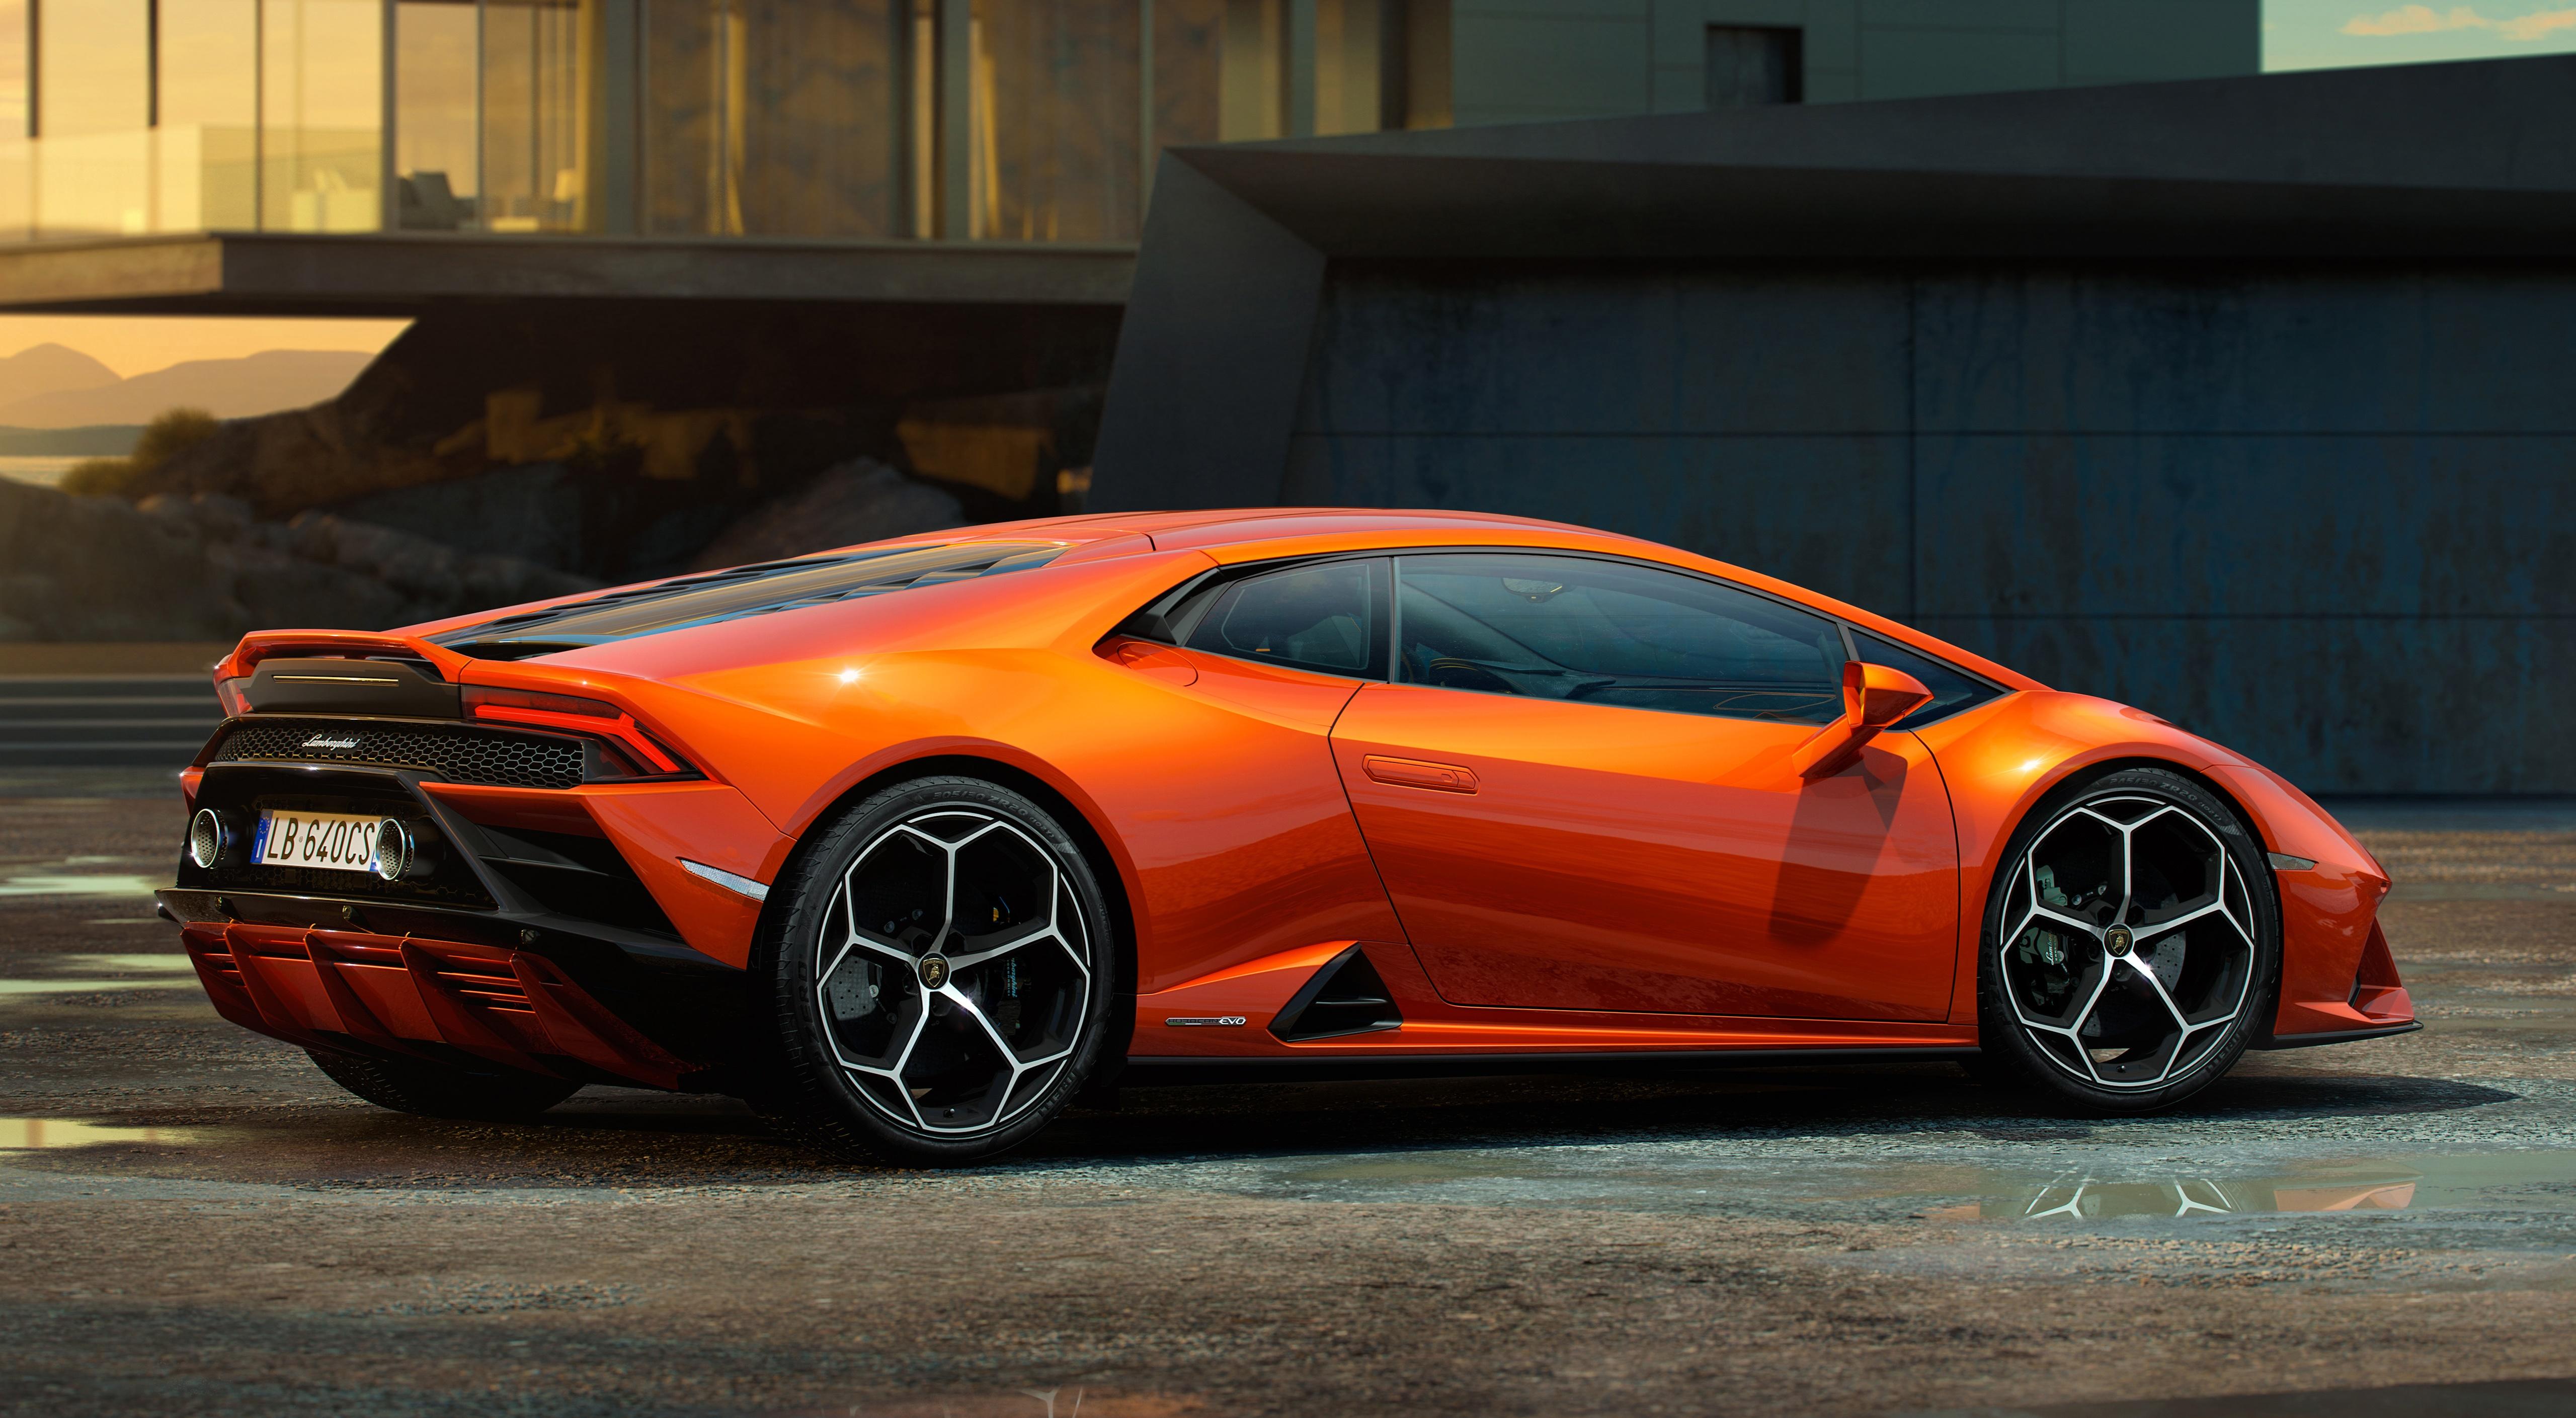 lamborghini huracan evo coupe 4k 1608818756 - Lamborghini Huracan Evo Coupe 4k - Lamborghini Huracan Evo Coupe 4k wallpapers